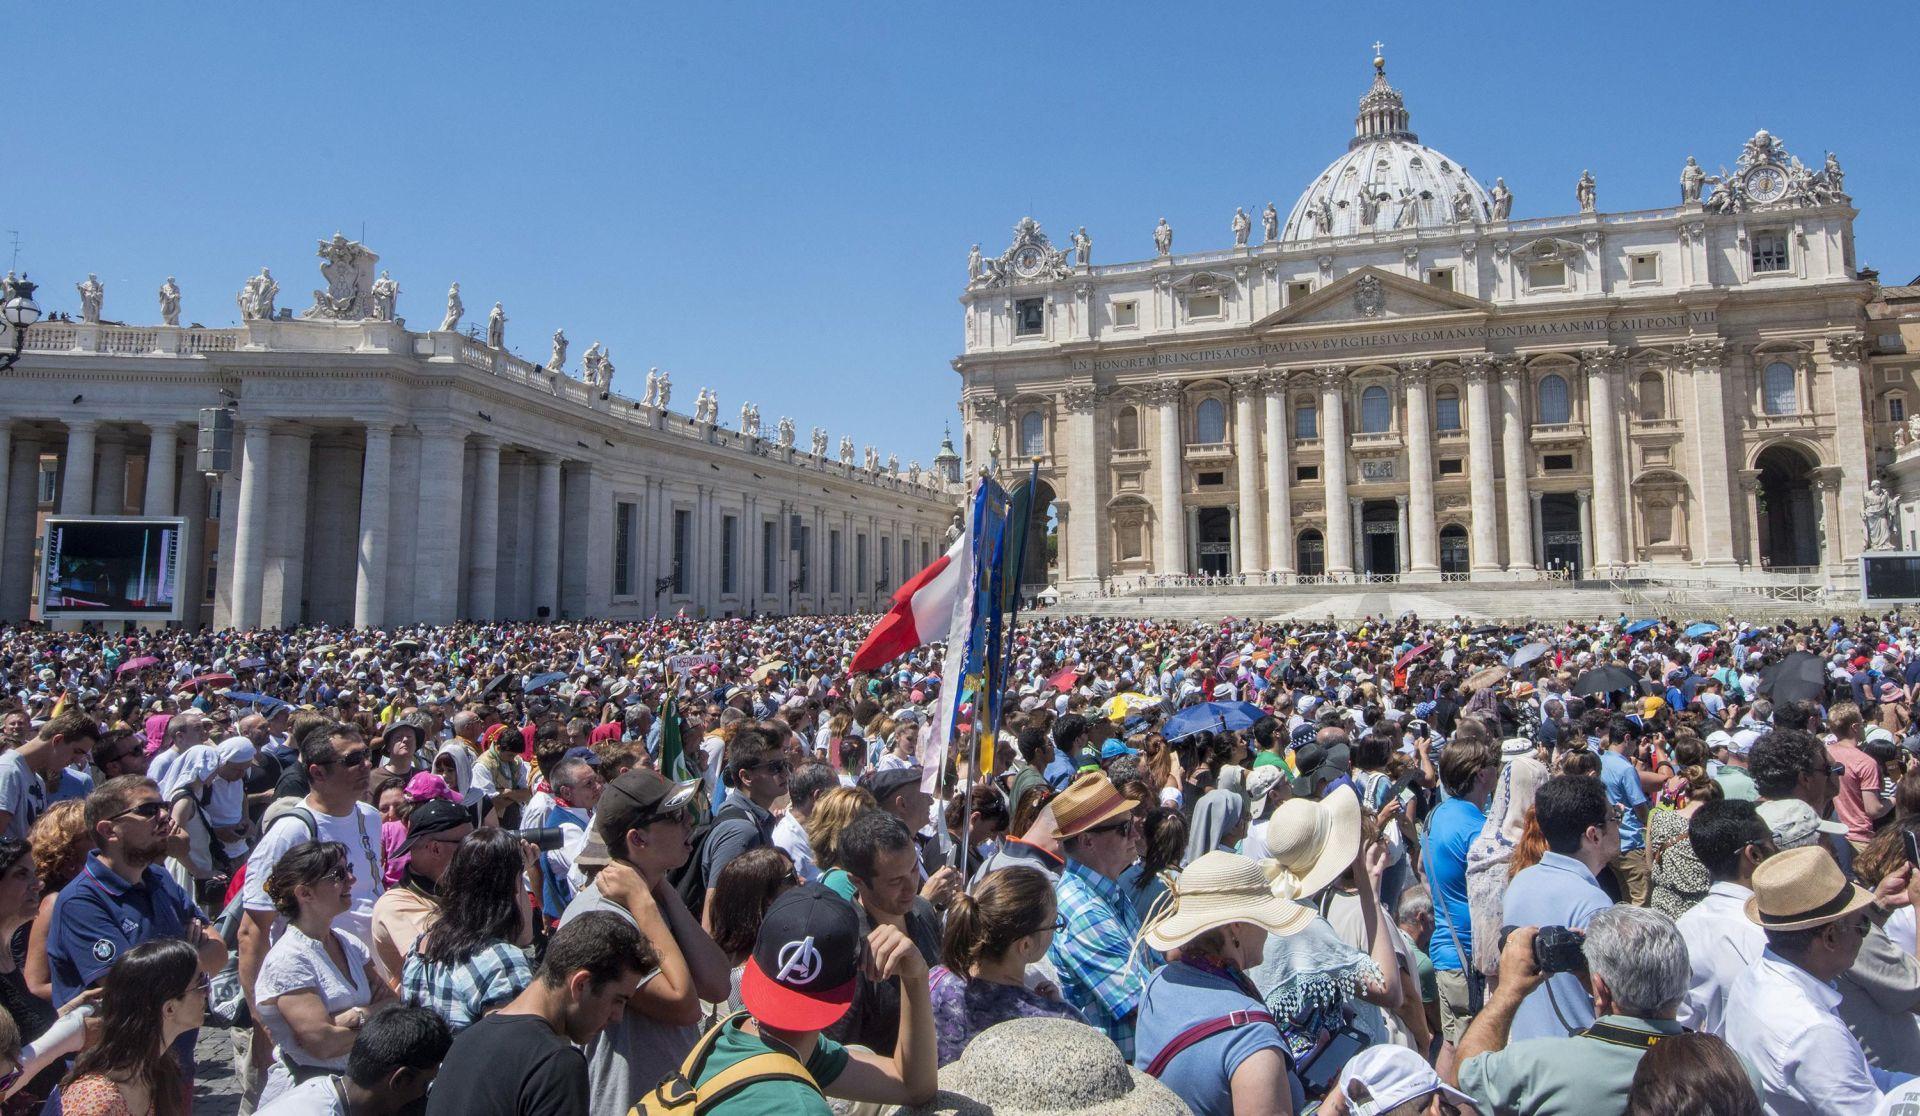 VATIKAN Papa traži dan svjetske molitve za žrtve seksualnog nasilja